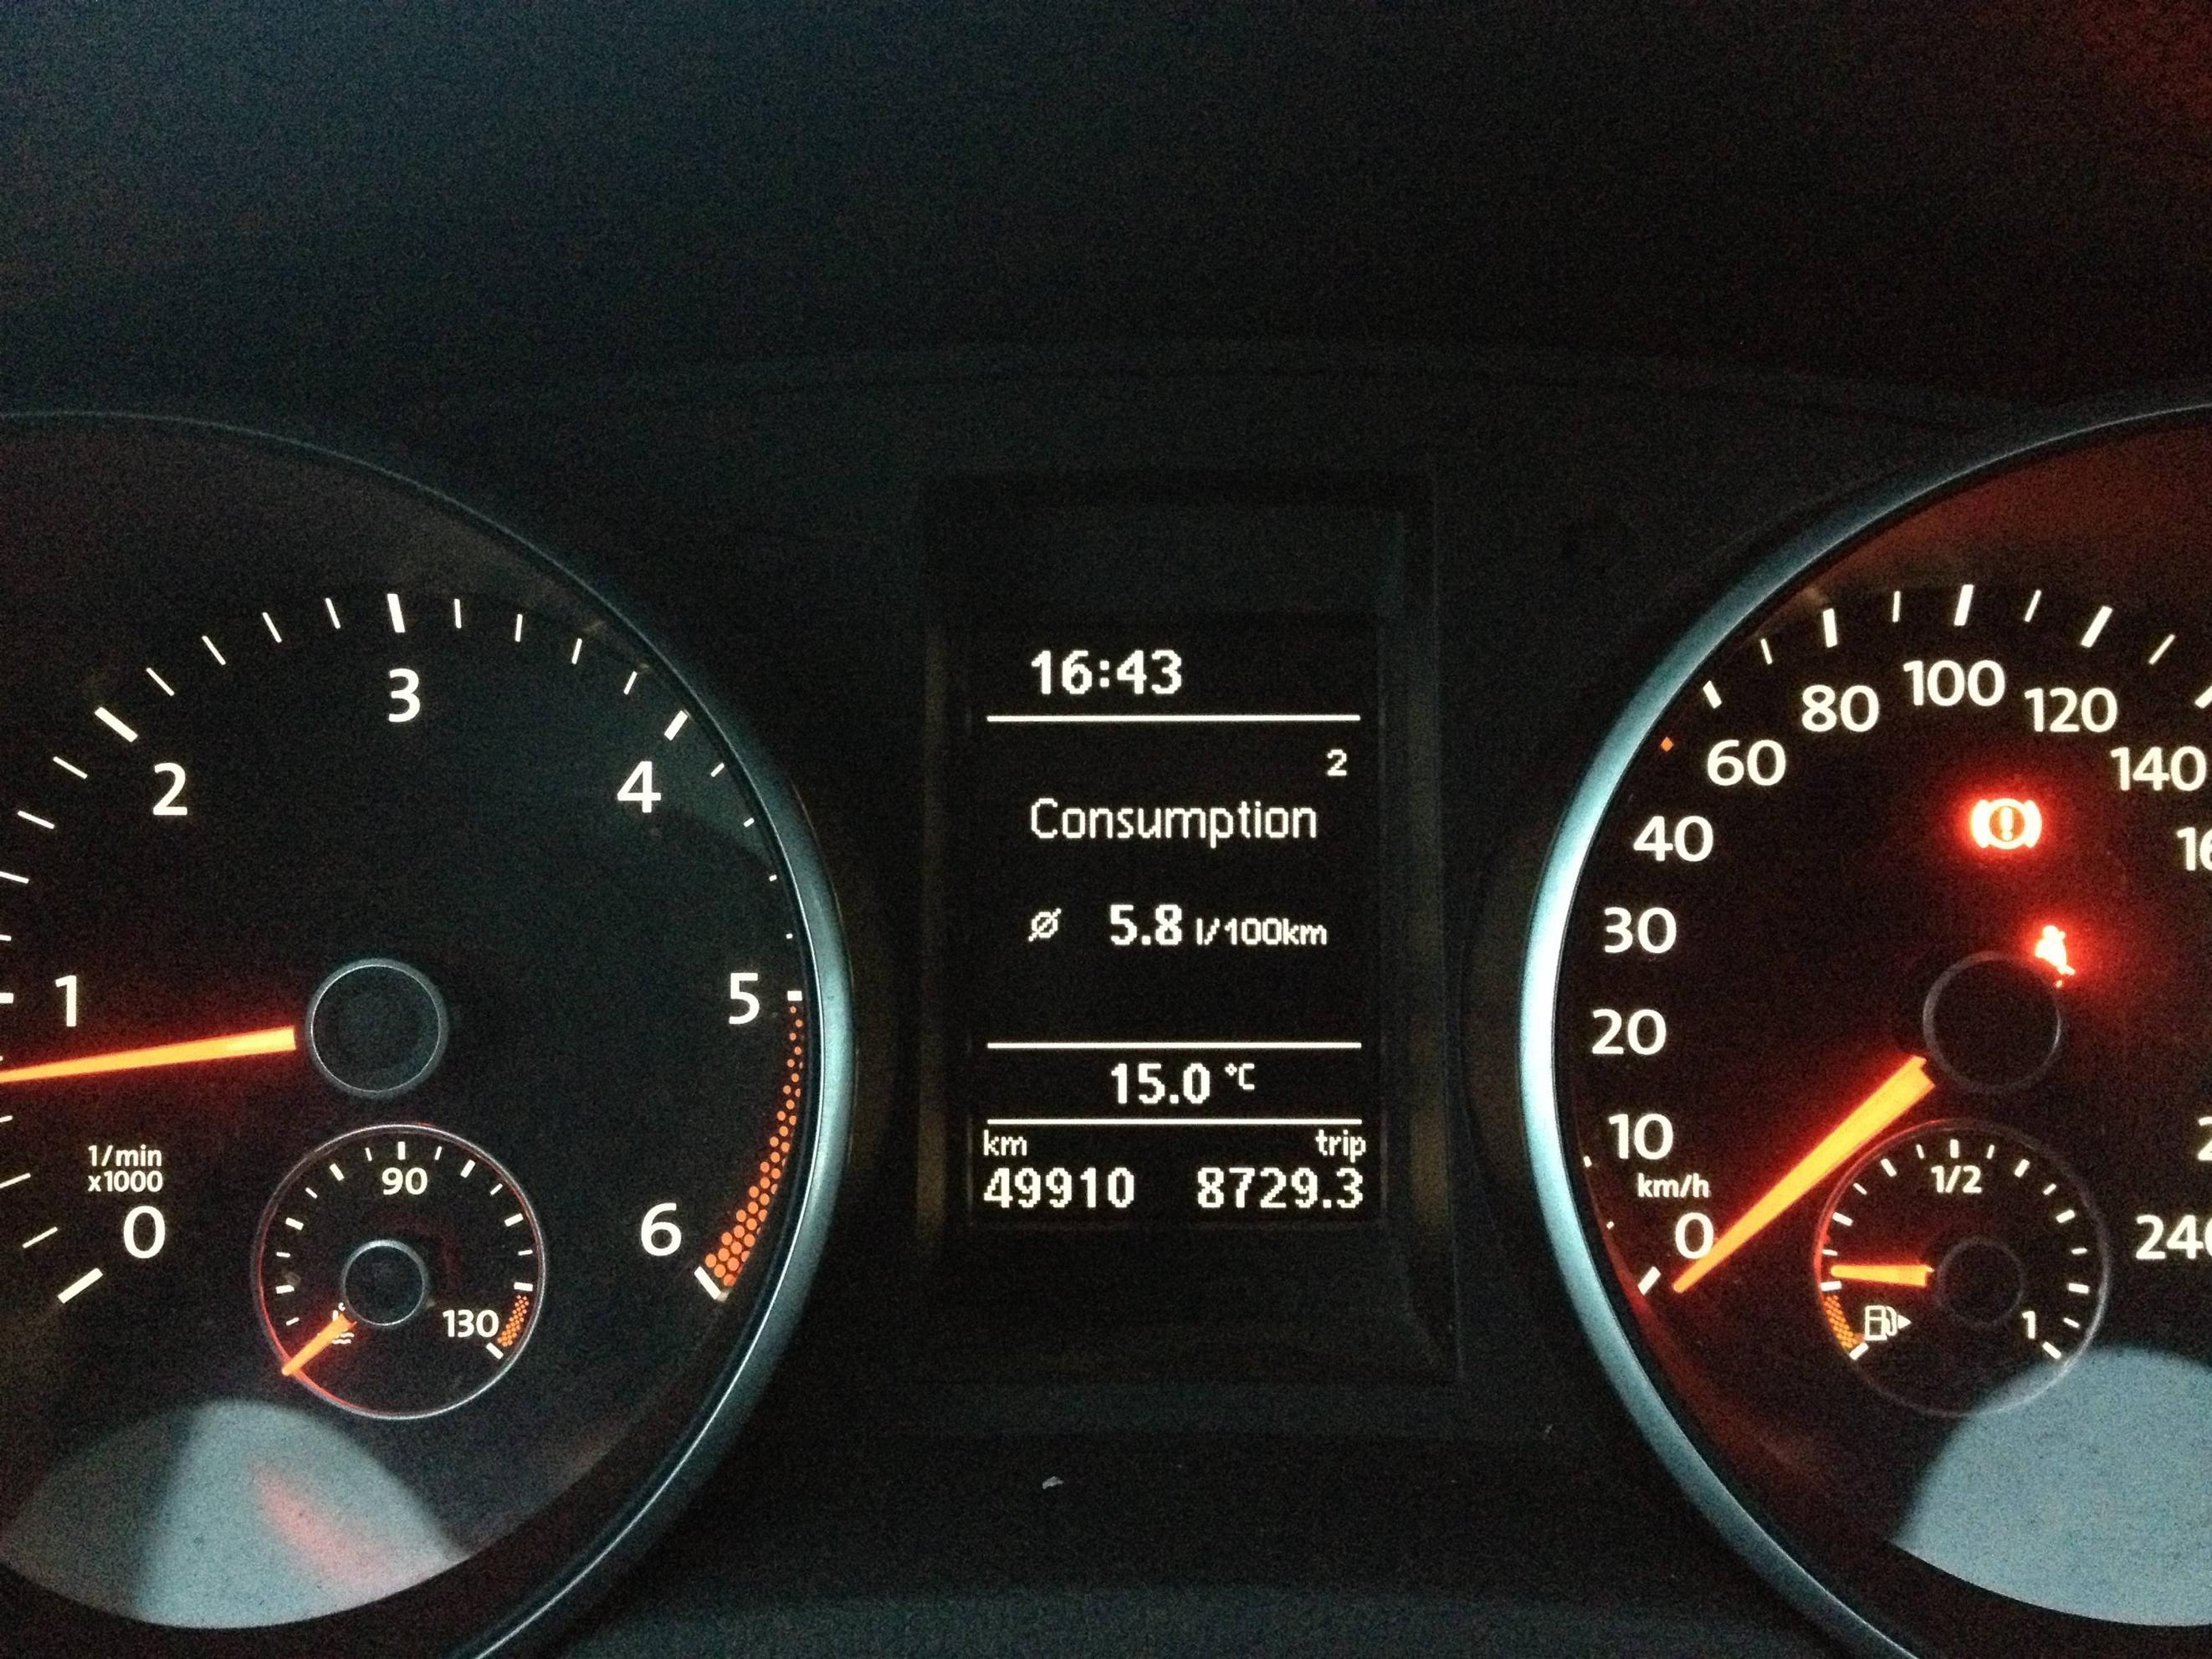 jetta 1.2 yakıt tüketimi ve dizel kıyaslamam